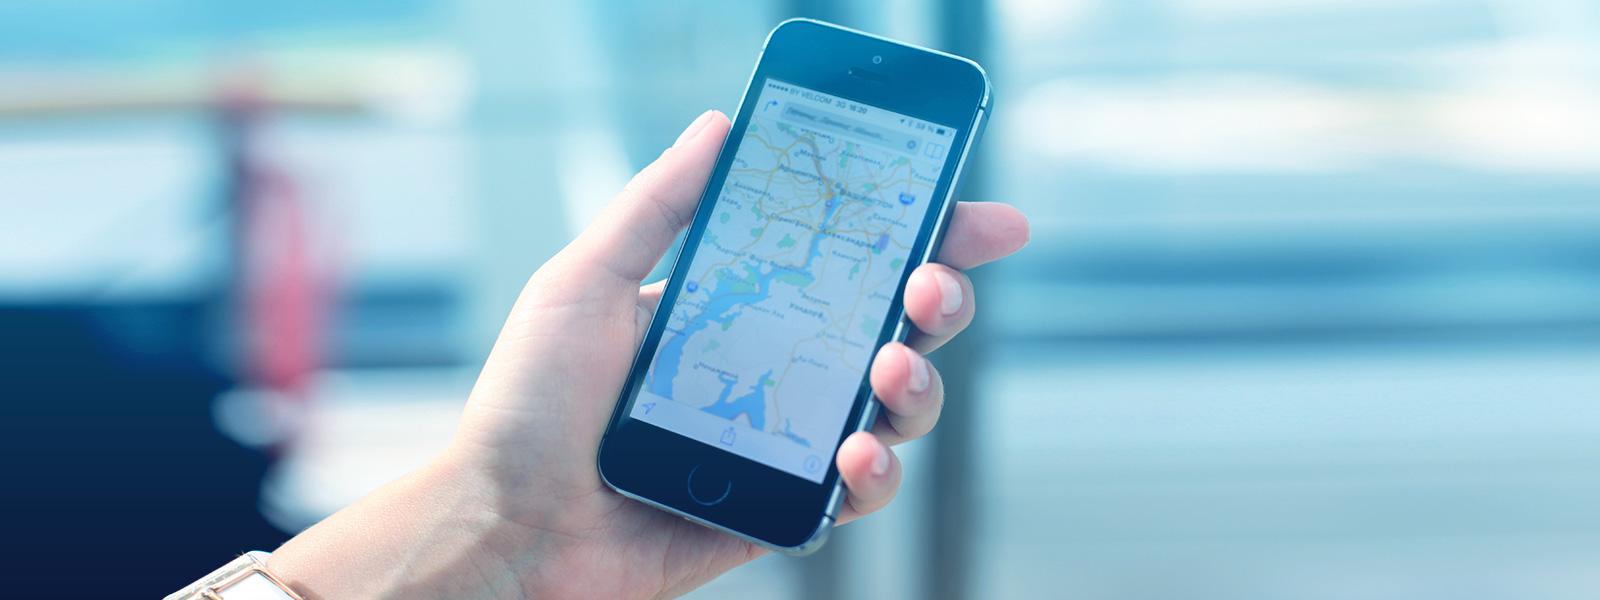 solicite-uber-google-maps-blog-ceabs